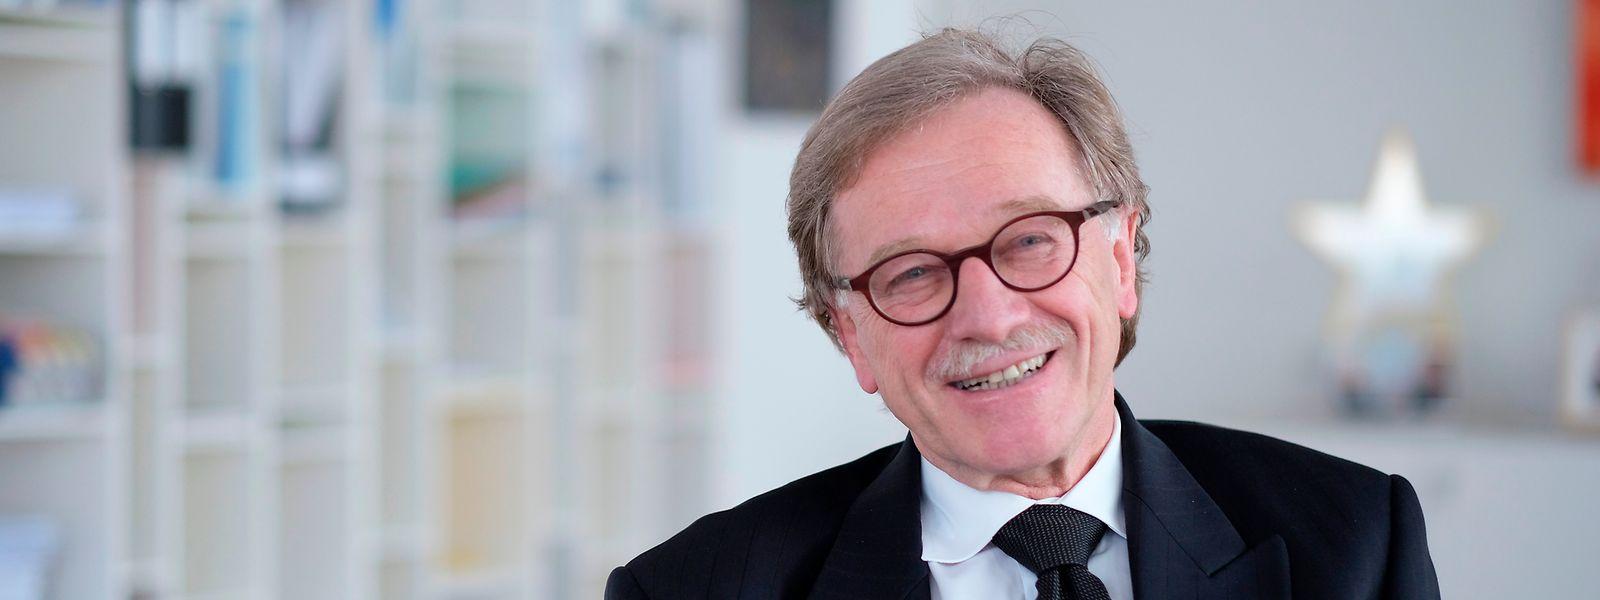 Présent début mars au Luxembourg, Yves Mersch avait plaidé en faveur de l'approfondissement du marché des capitaux.